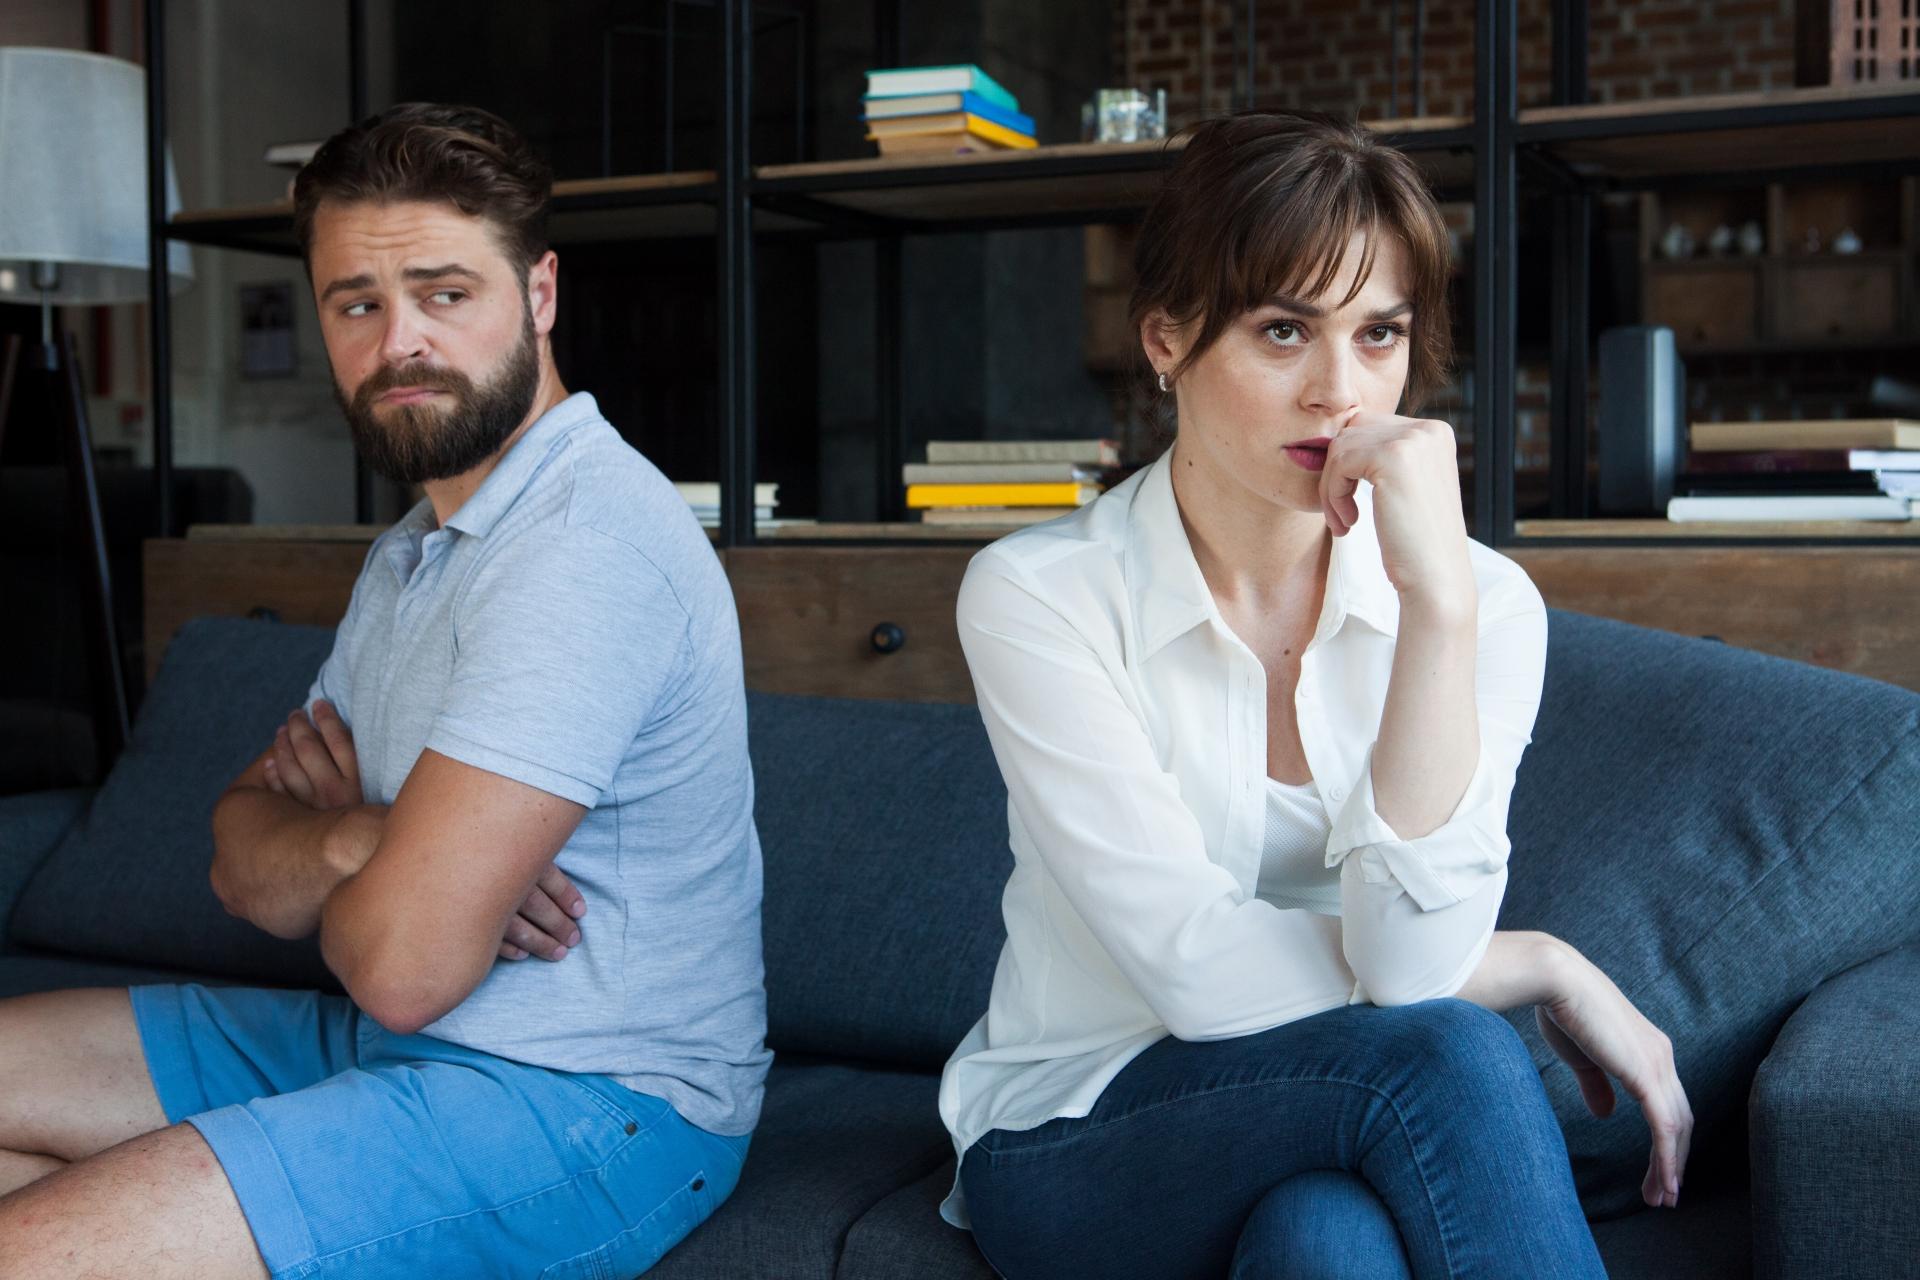 結婚生活に疲れた夫婦が今やるべき6つの事。仲良し夫婦に戻る方法とは?